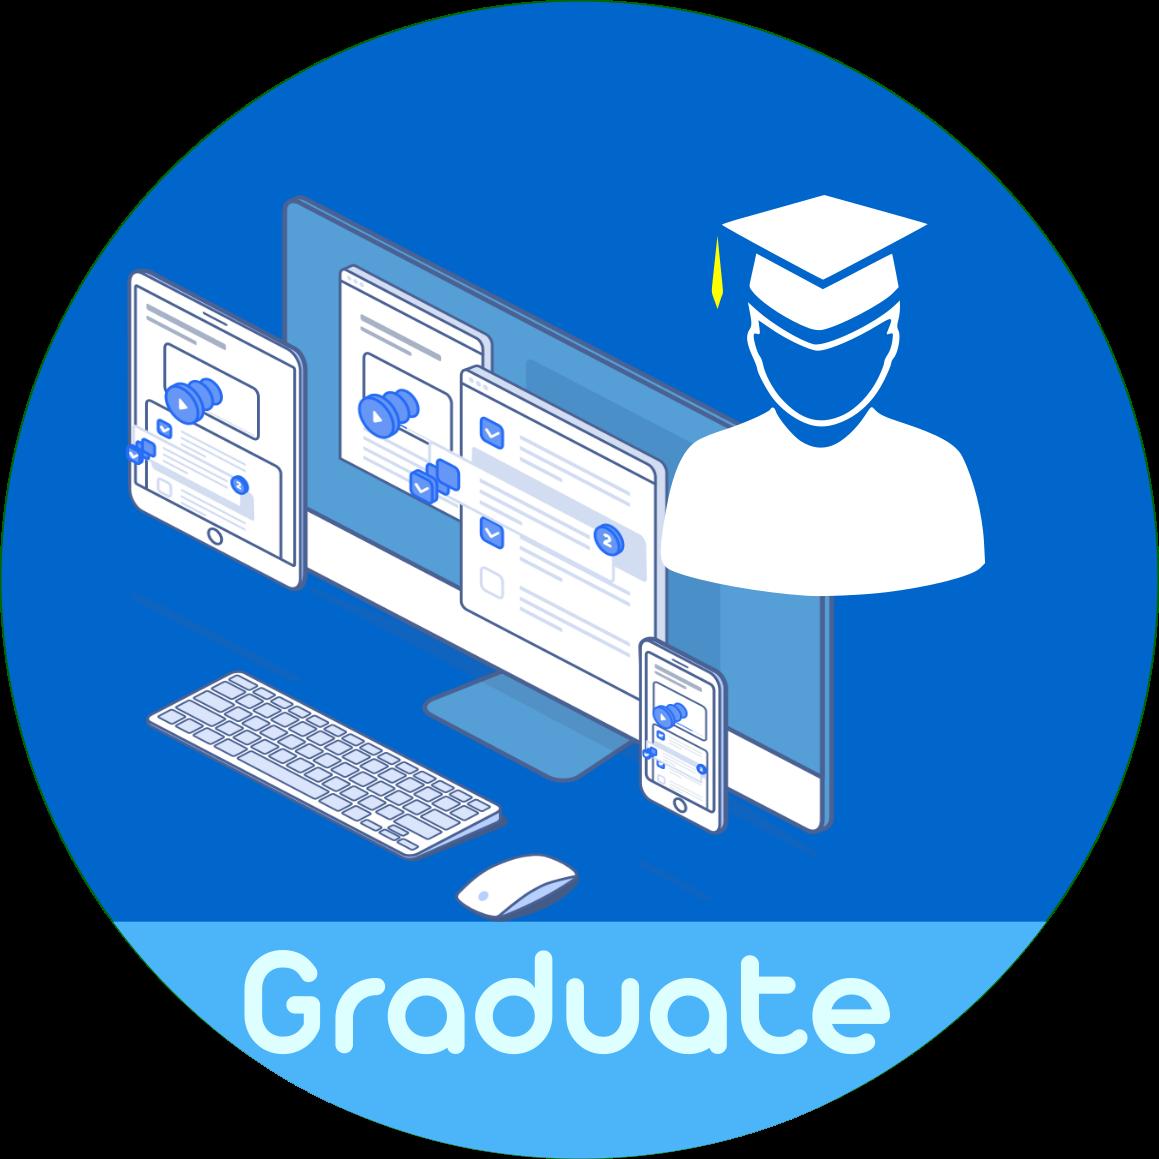 graduate-services.png